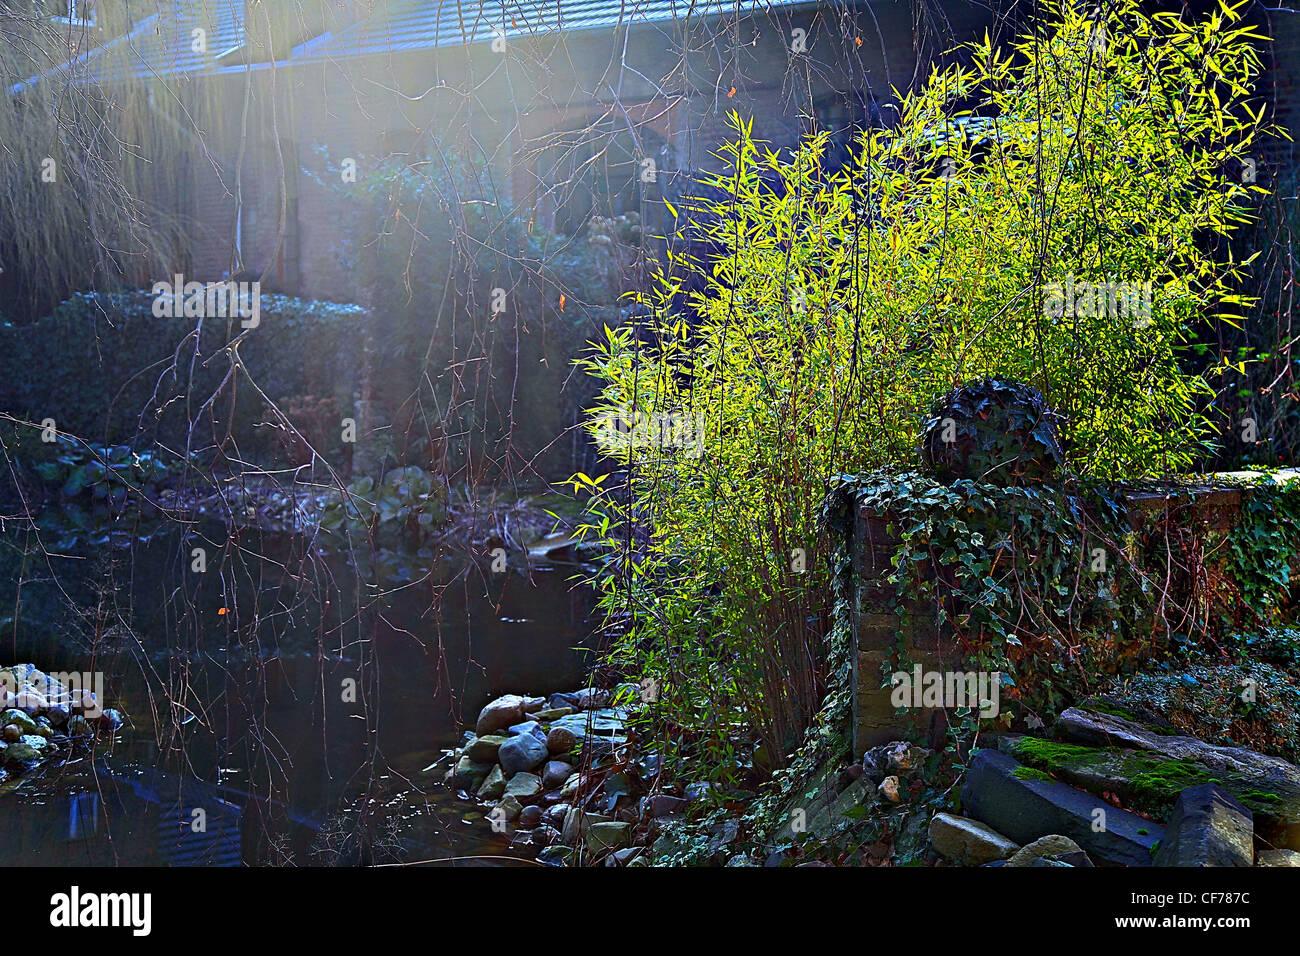 Grüne Idylle im Gutshof, Strauch, Sonne, Licht, hell, dunkel, Efeu, Haus, alt, antique, Geländer, Sonnenstrahlen, - Stock Image